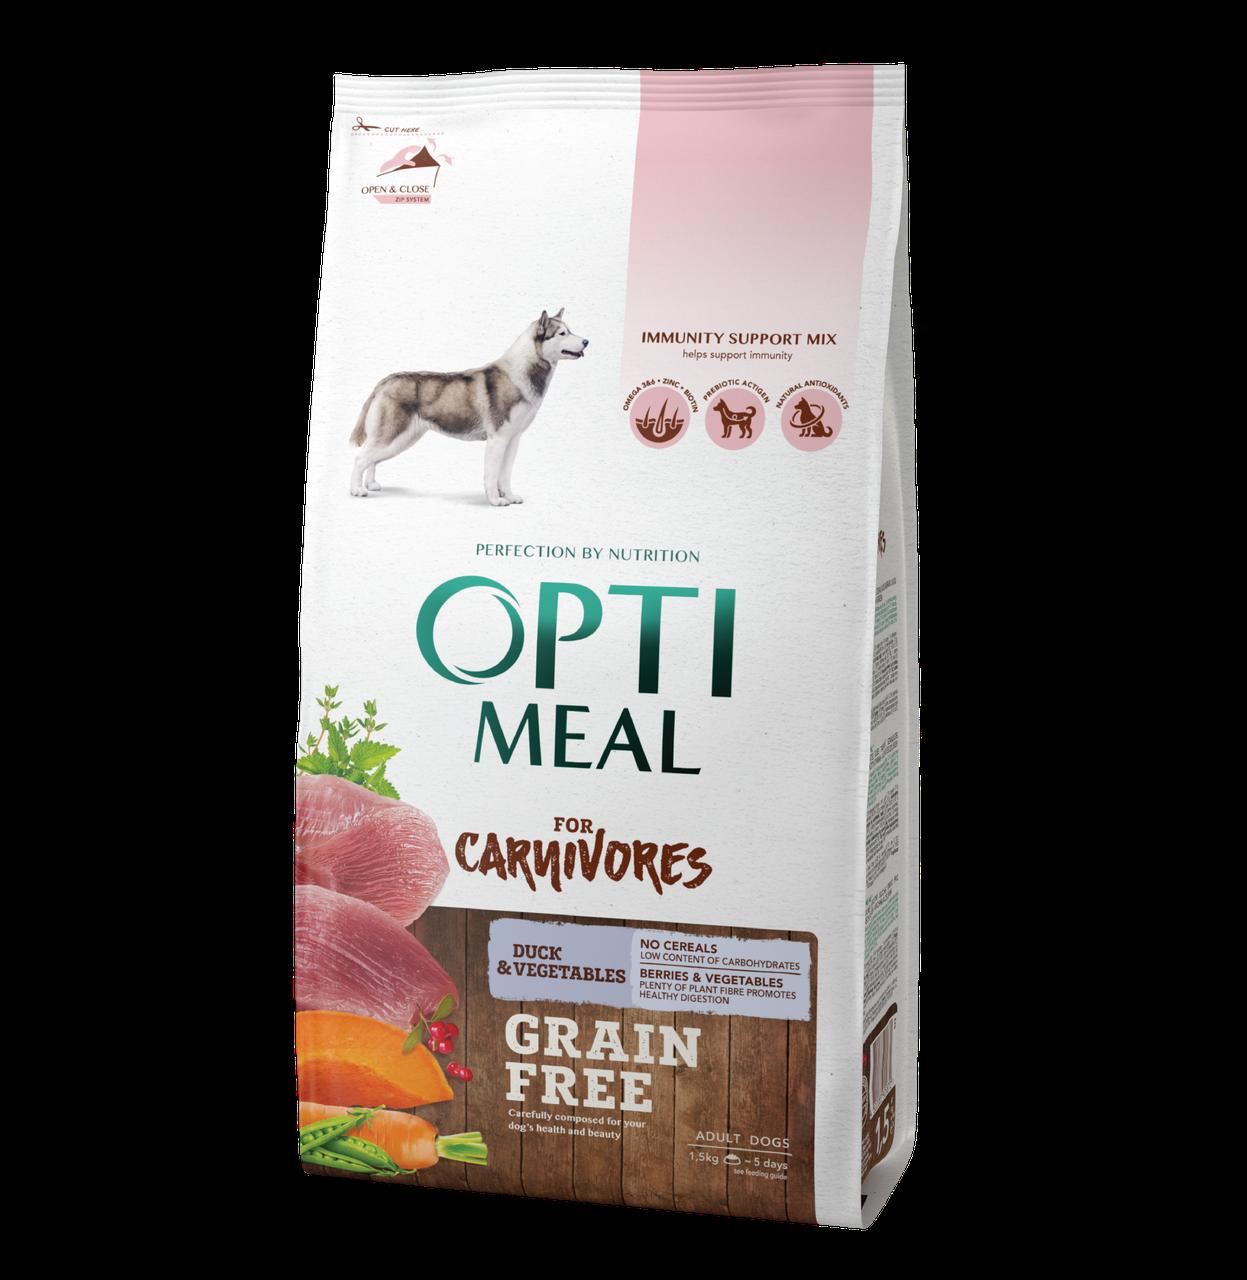 Сухой беззерновой корм для взрослых собак всех пород Утка и овощи 1,5 кг OPTIMEAL ОПТИМИЛ